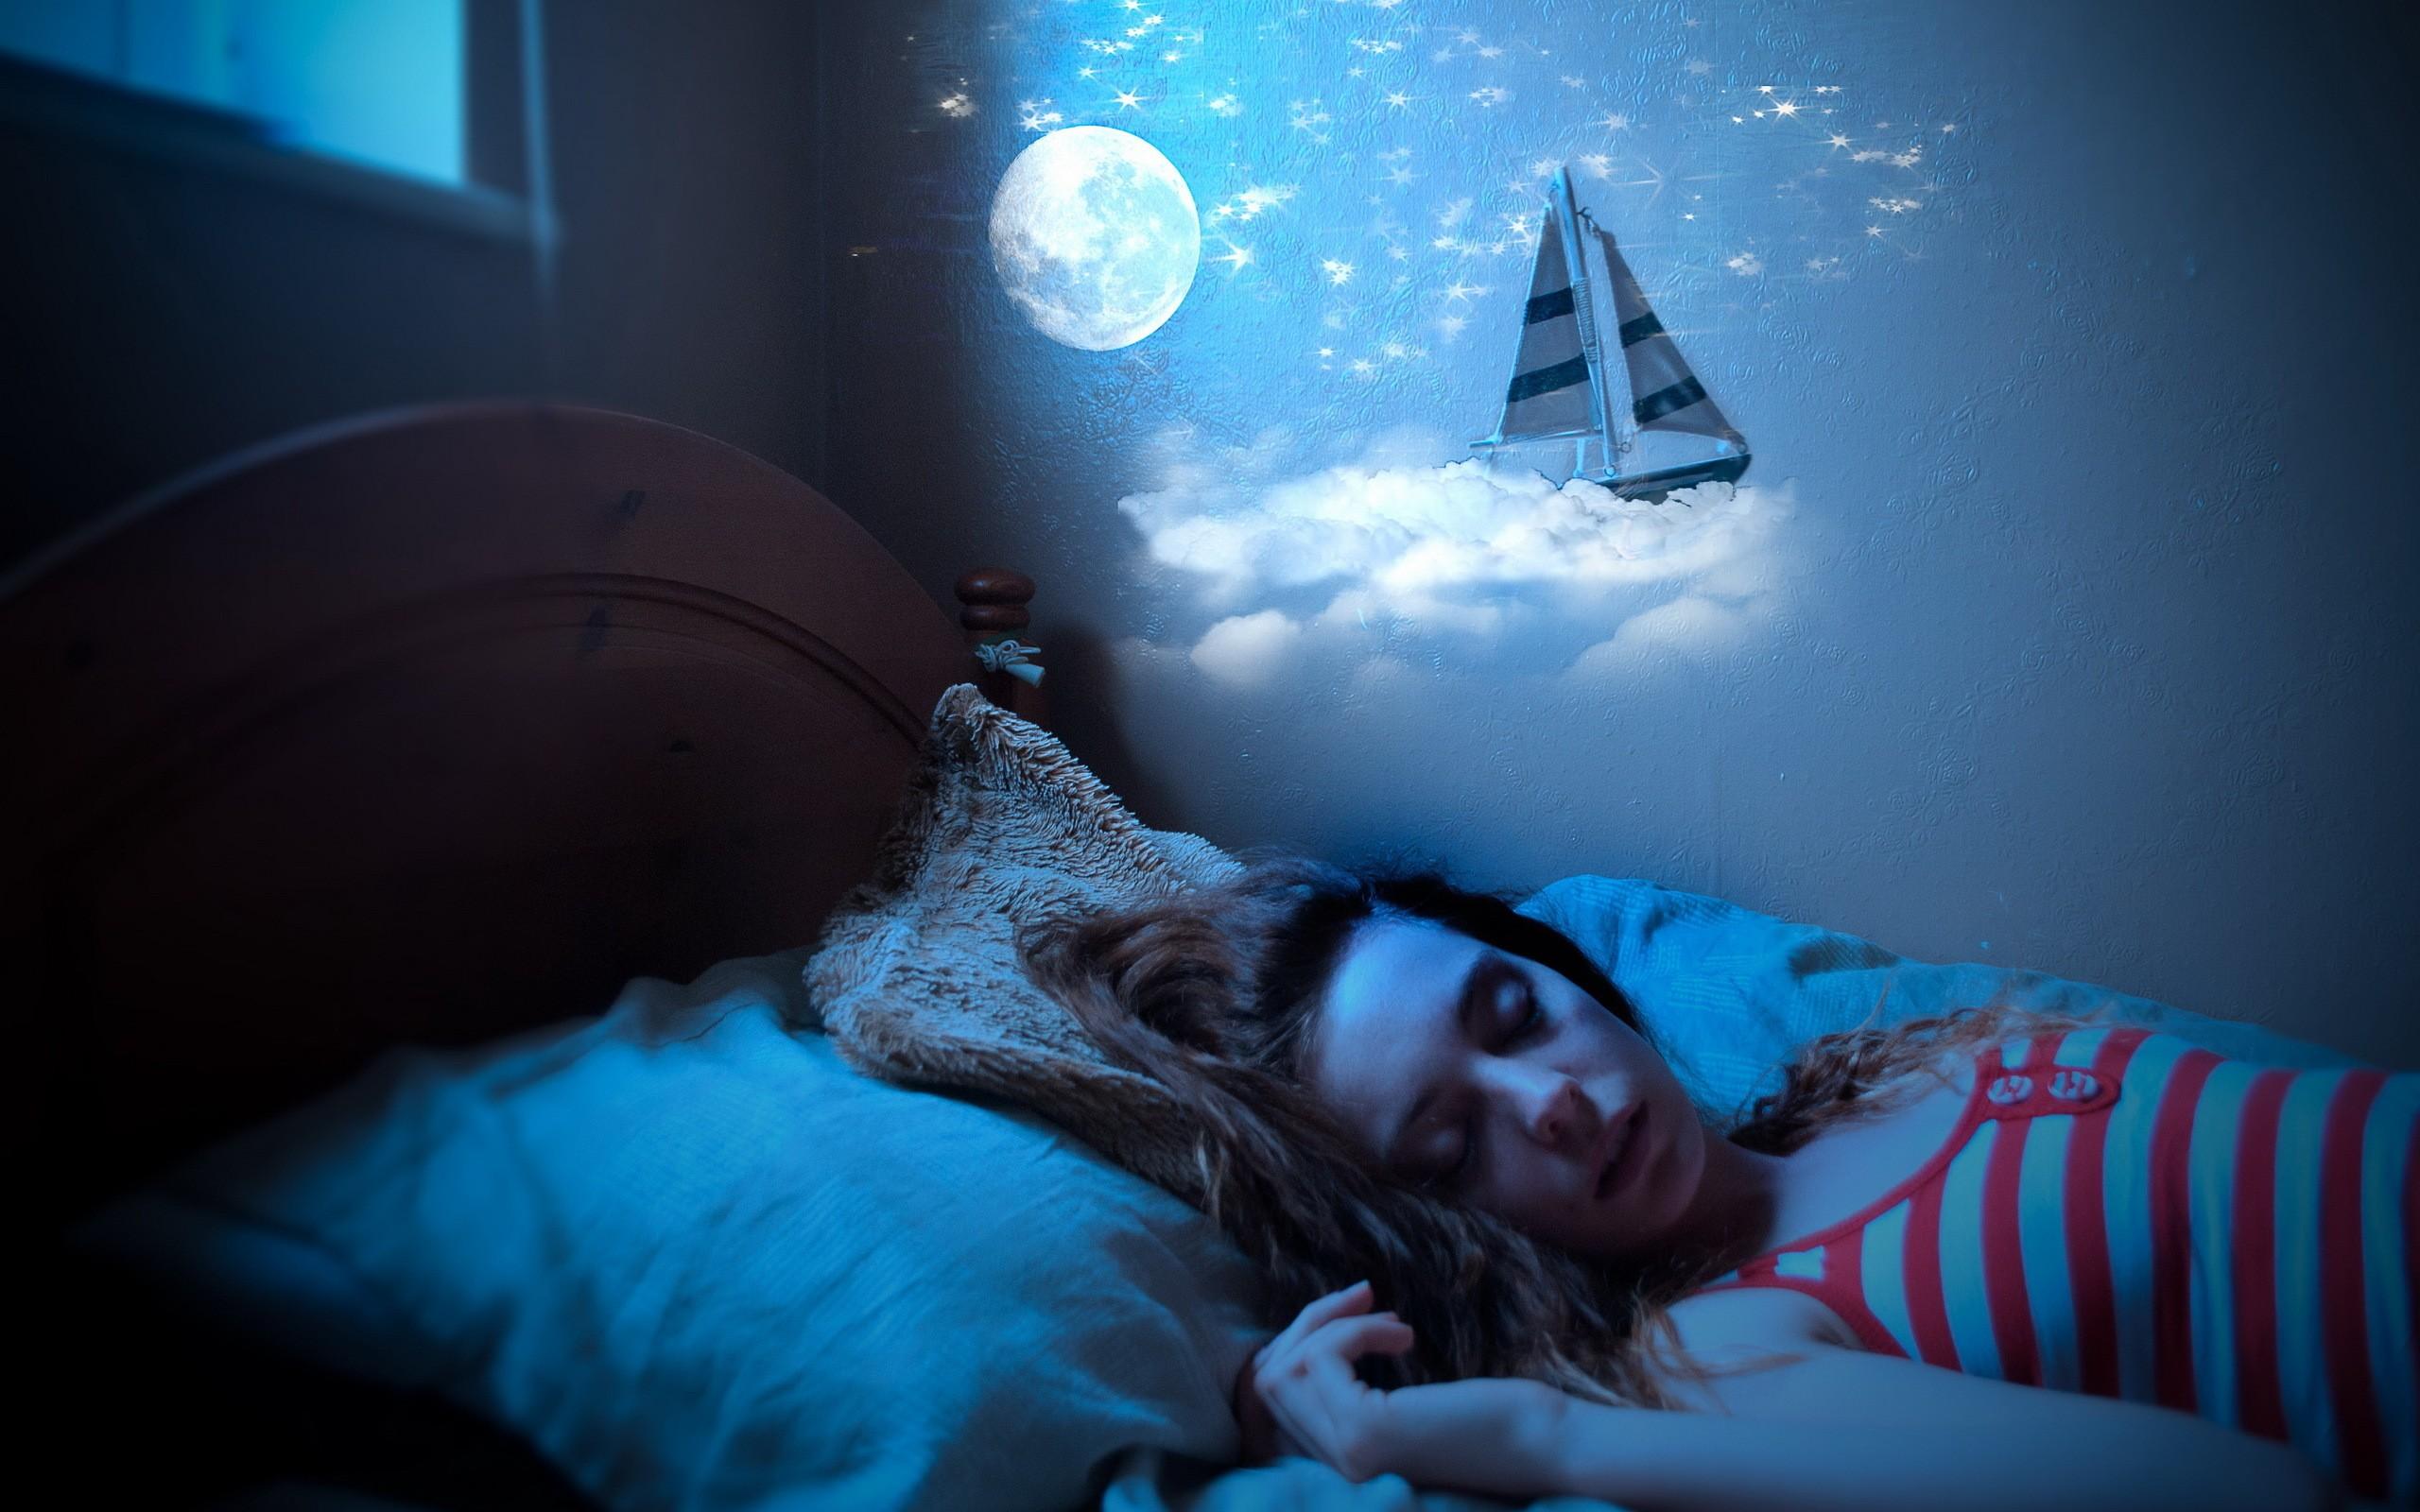 Αυπνία Λύσεις: 3 tips για να κοιμηθείτε ξέγνοιαστα και ξεκούραστα σα μωρό [vid]